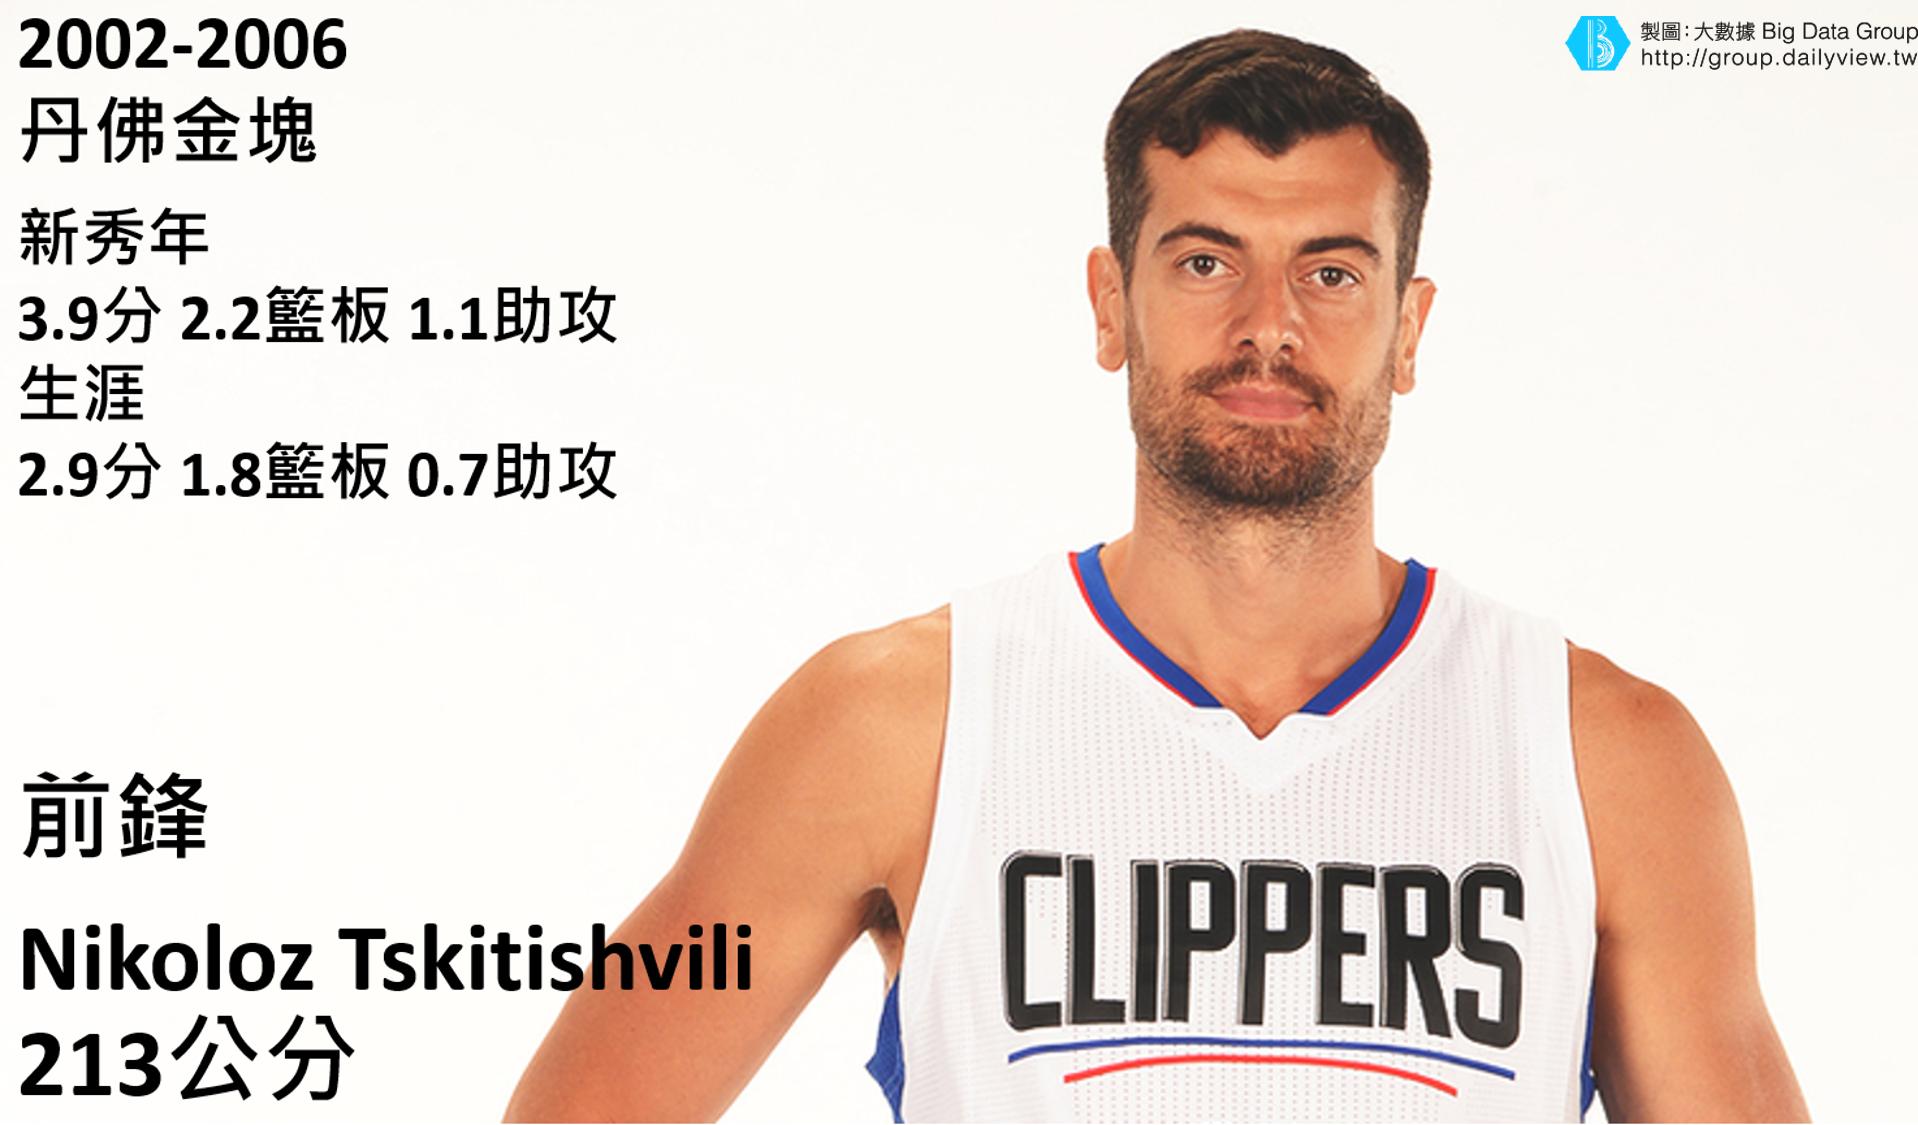 Nikoloz Tskitishvili.jpg